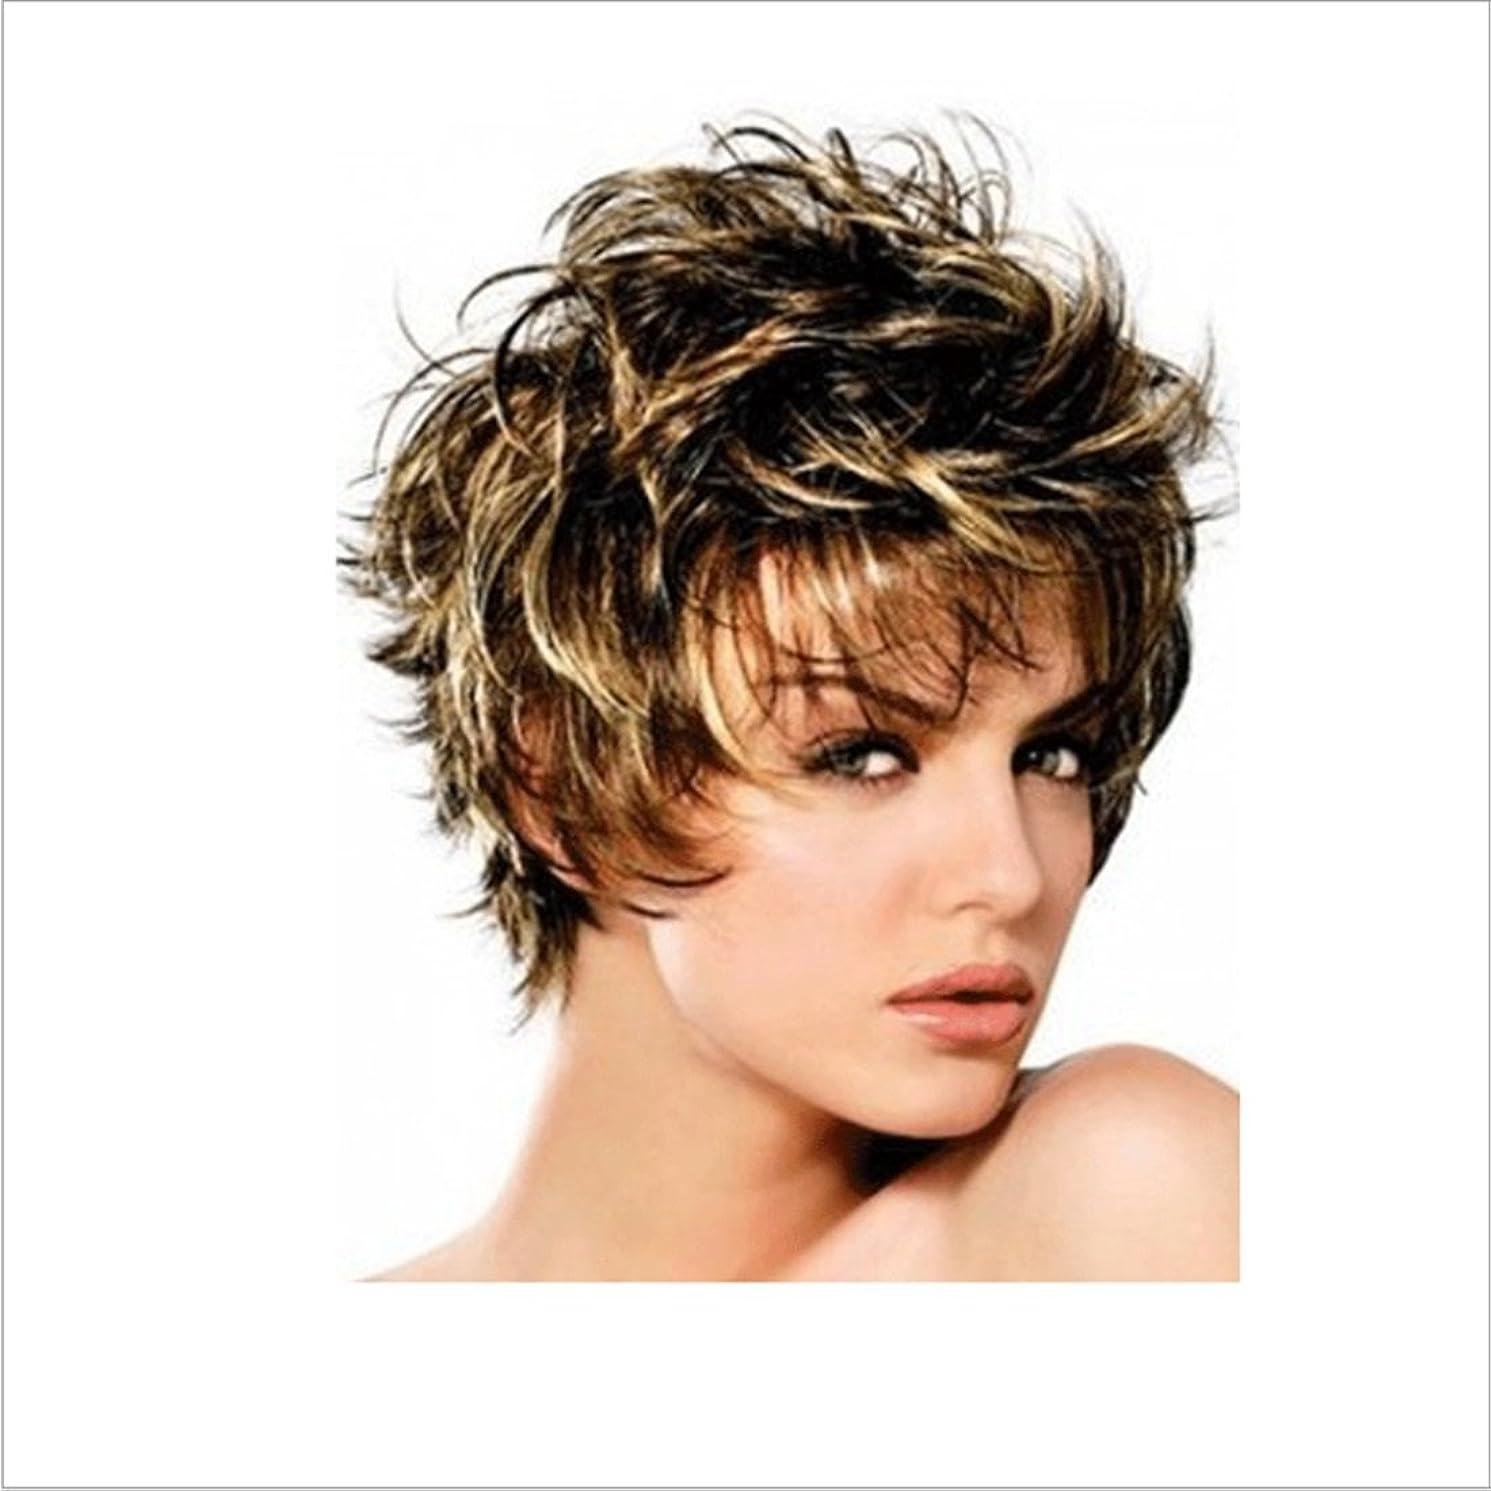 懸念キャリッジ間接的かつら ボボかつら女性用耐熱ウィッグ12インチ/ 9インチ短いテクスチャ部分的なかつら部分的なかつら前髪かつらファッションかつら (色 : Inter-color gold brown silver)